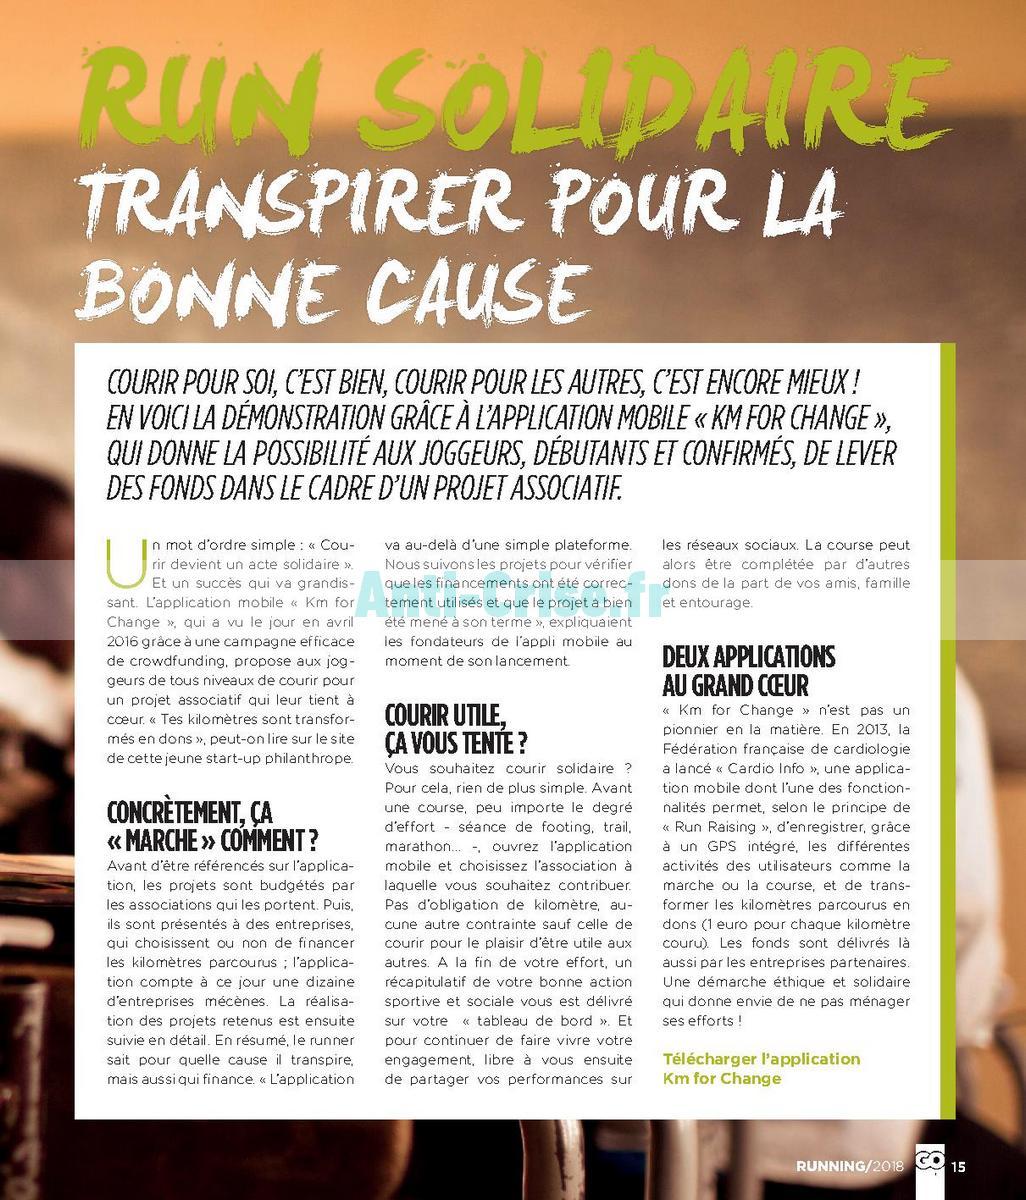 septembre2018 Catalogue Go Sport du 28 avril au 21 septembre 2018 (Running) (15)